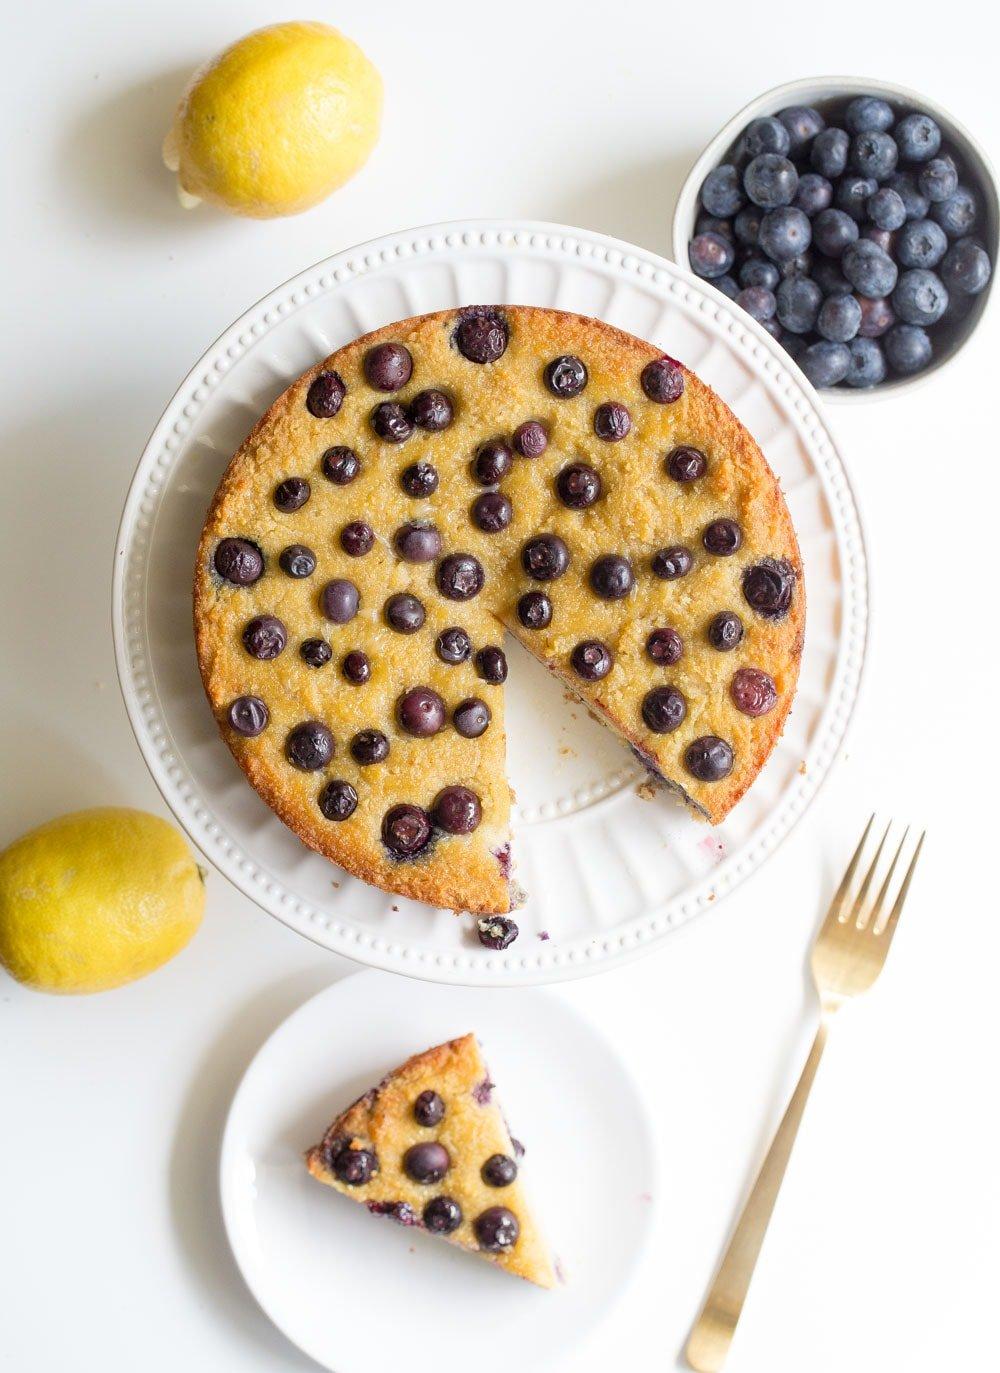 nlueberry lemon cake made on the paleo diet